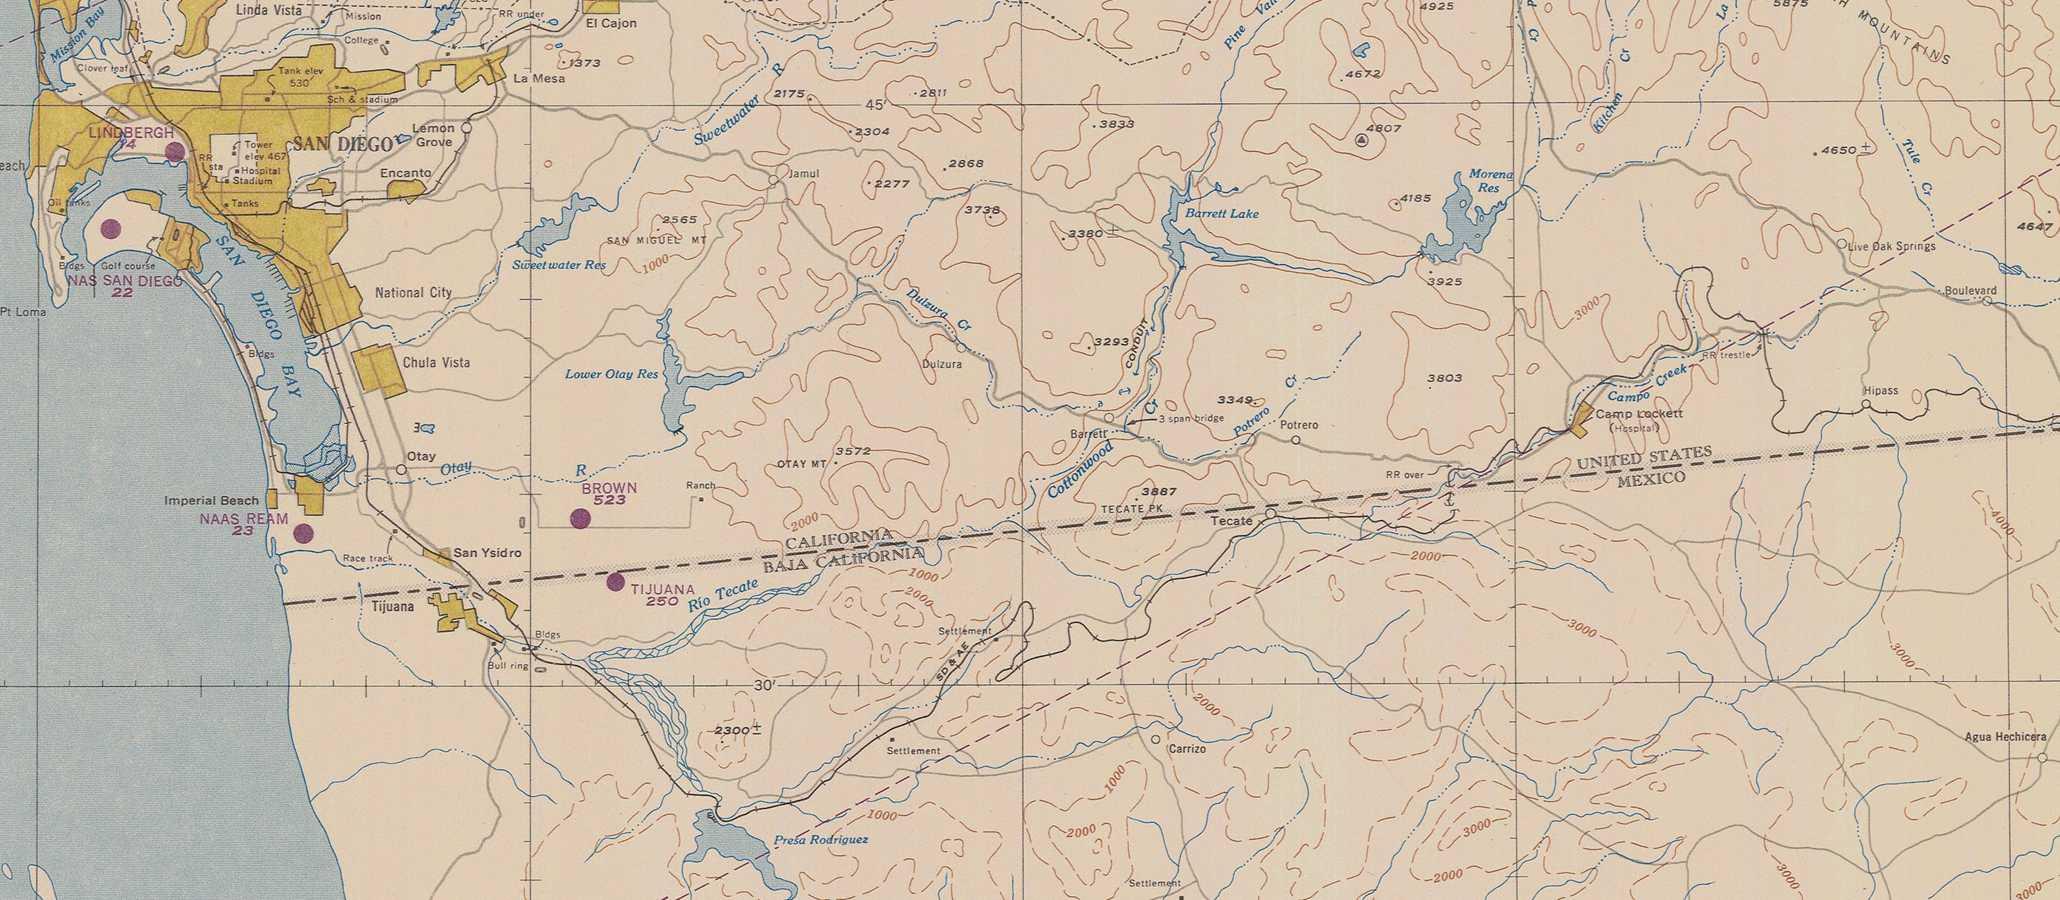 Otay Valley